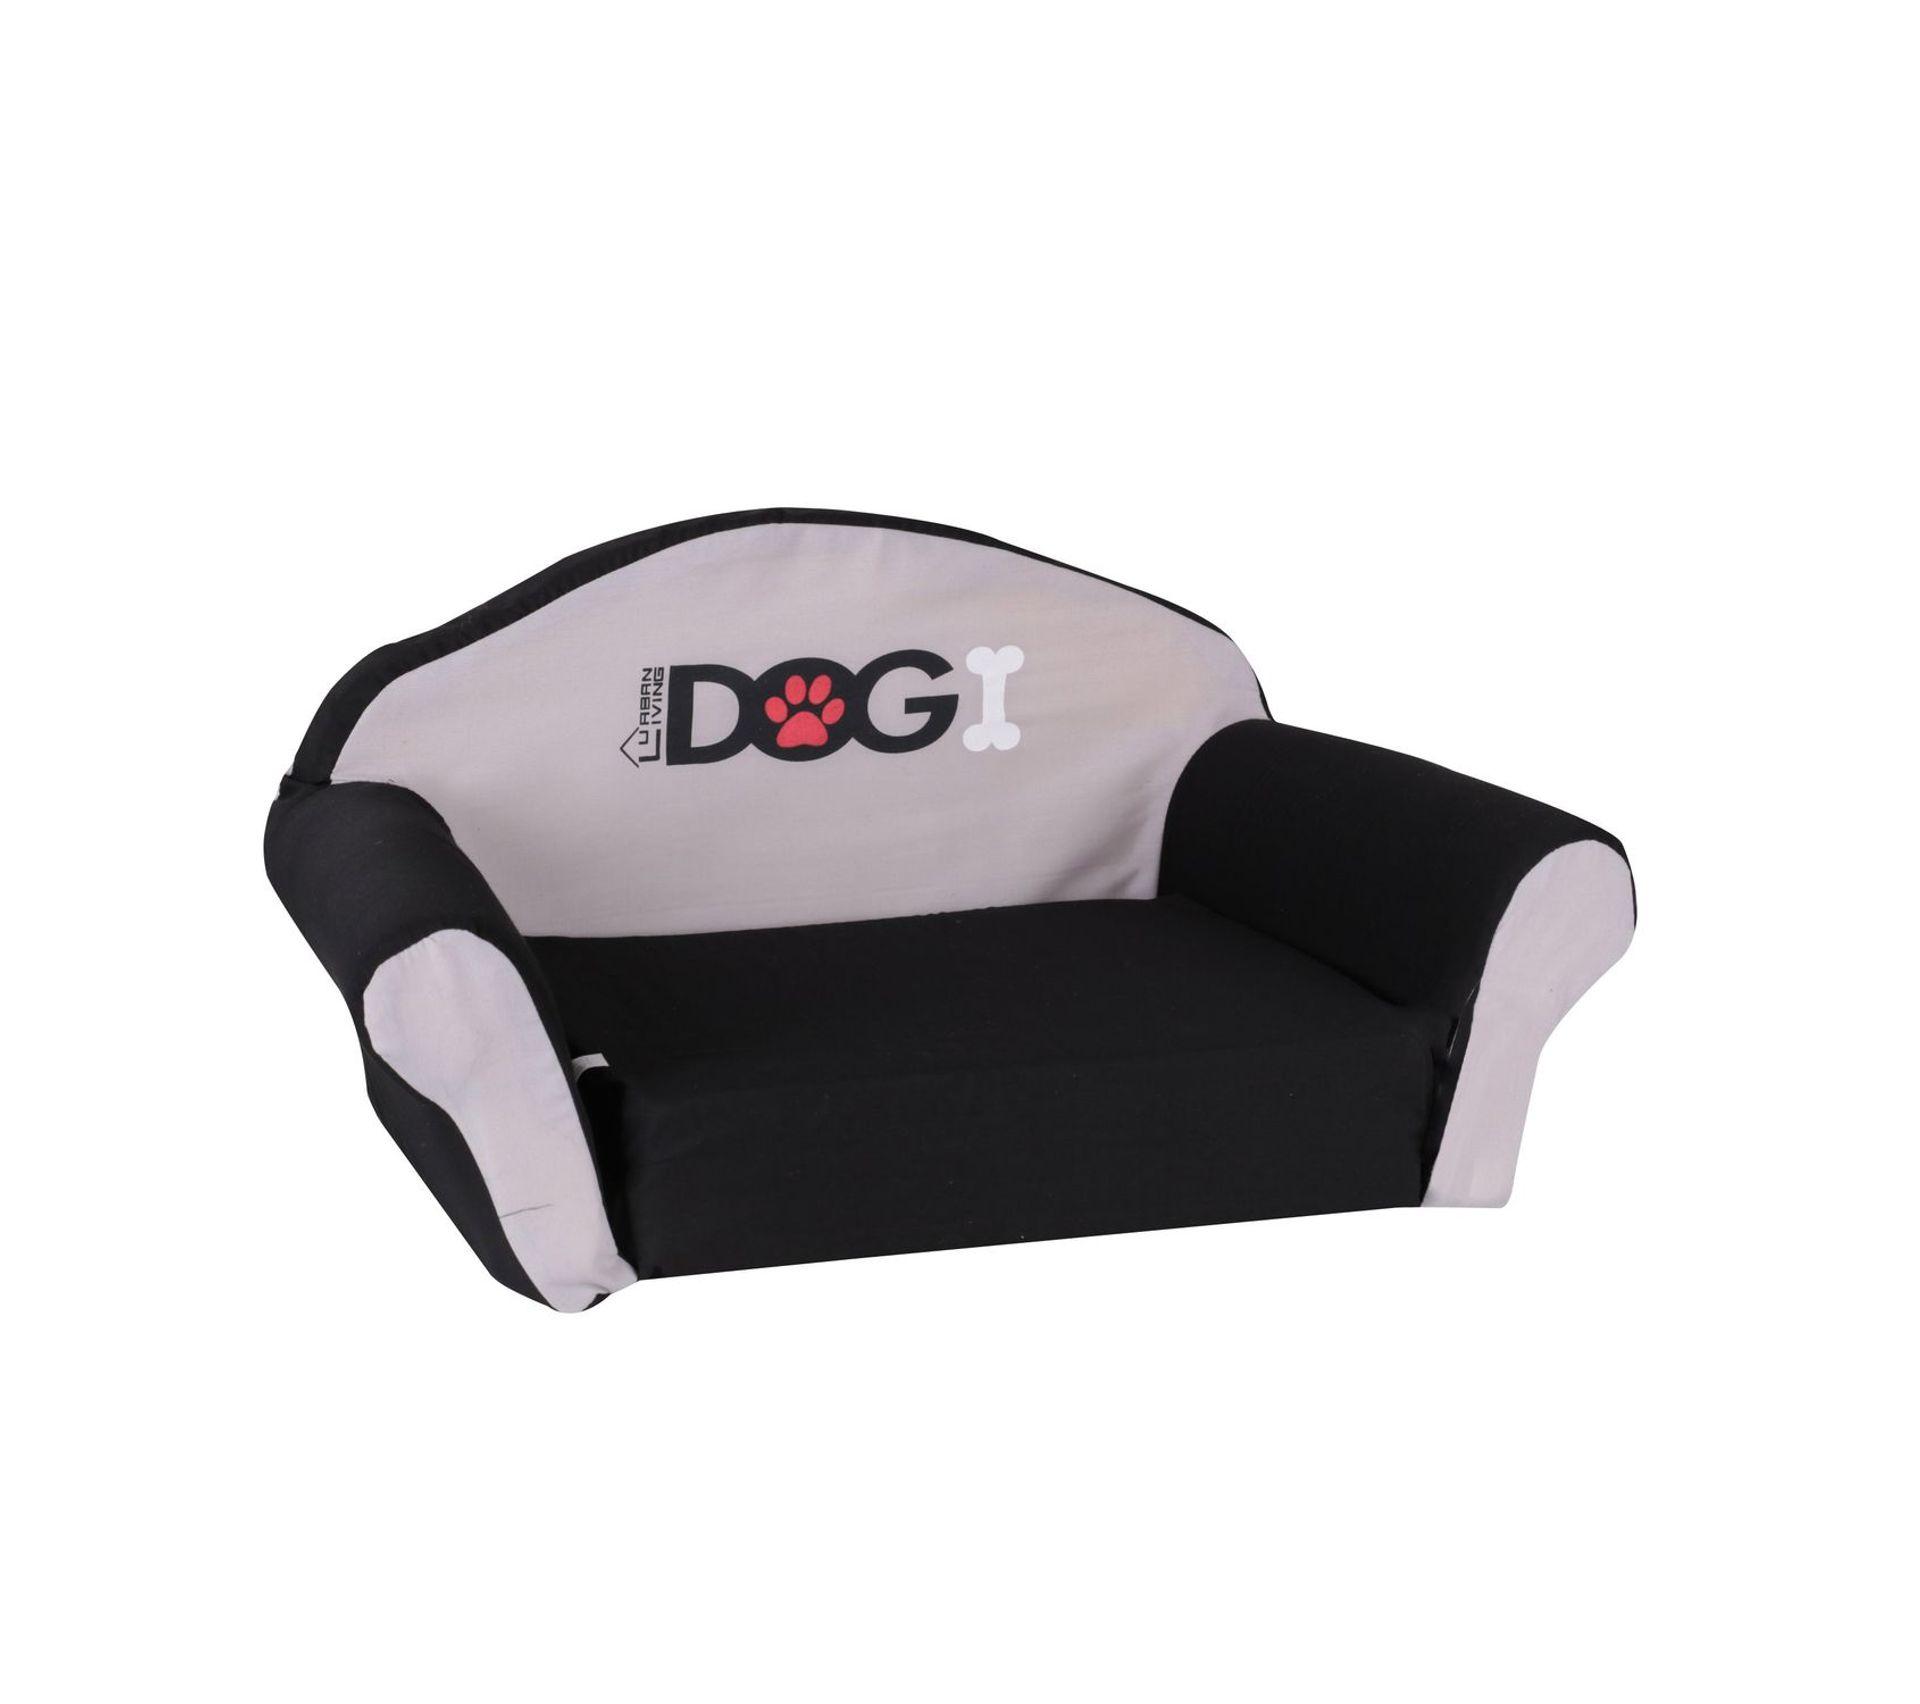 Canape Chien Maison Du Monde sofa pour chien dogi - taille s - noir